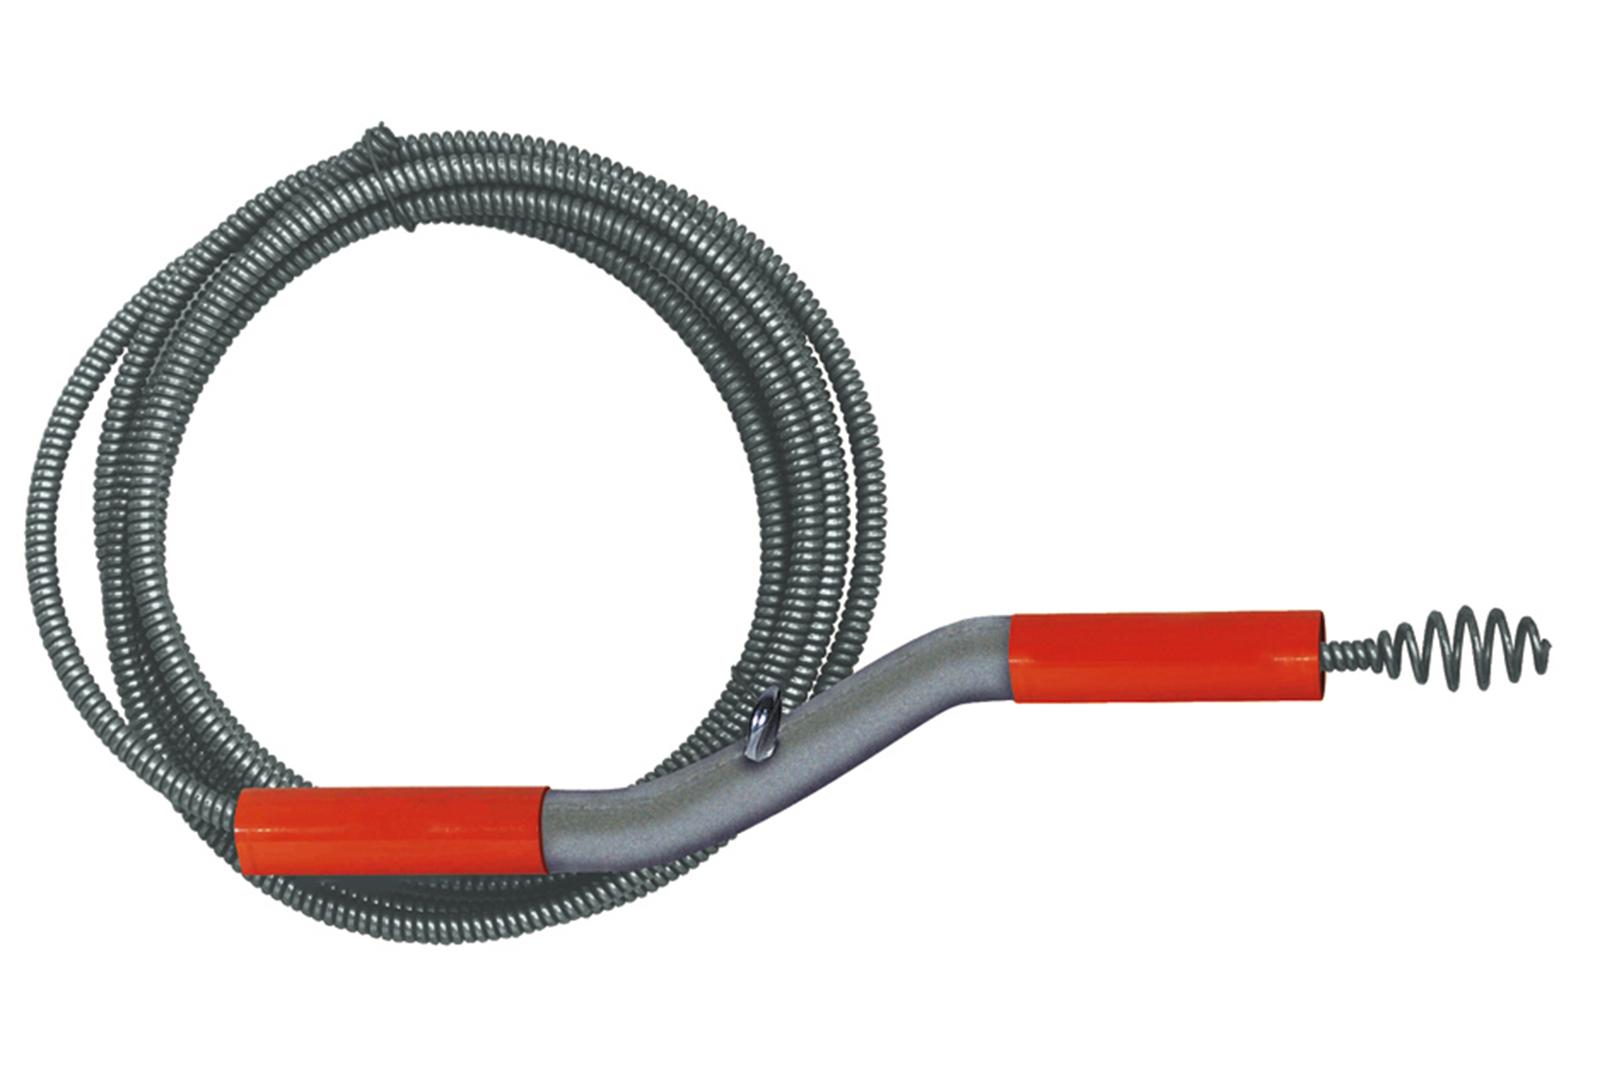 Трос для прочистки General pipe 35fl2-dh трос для прочистки канализационных труб 5 5 мм х 3 м